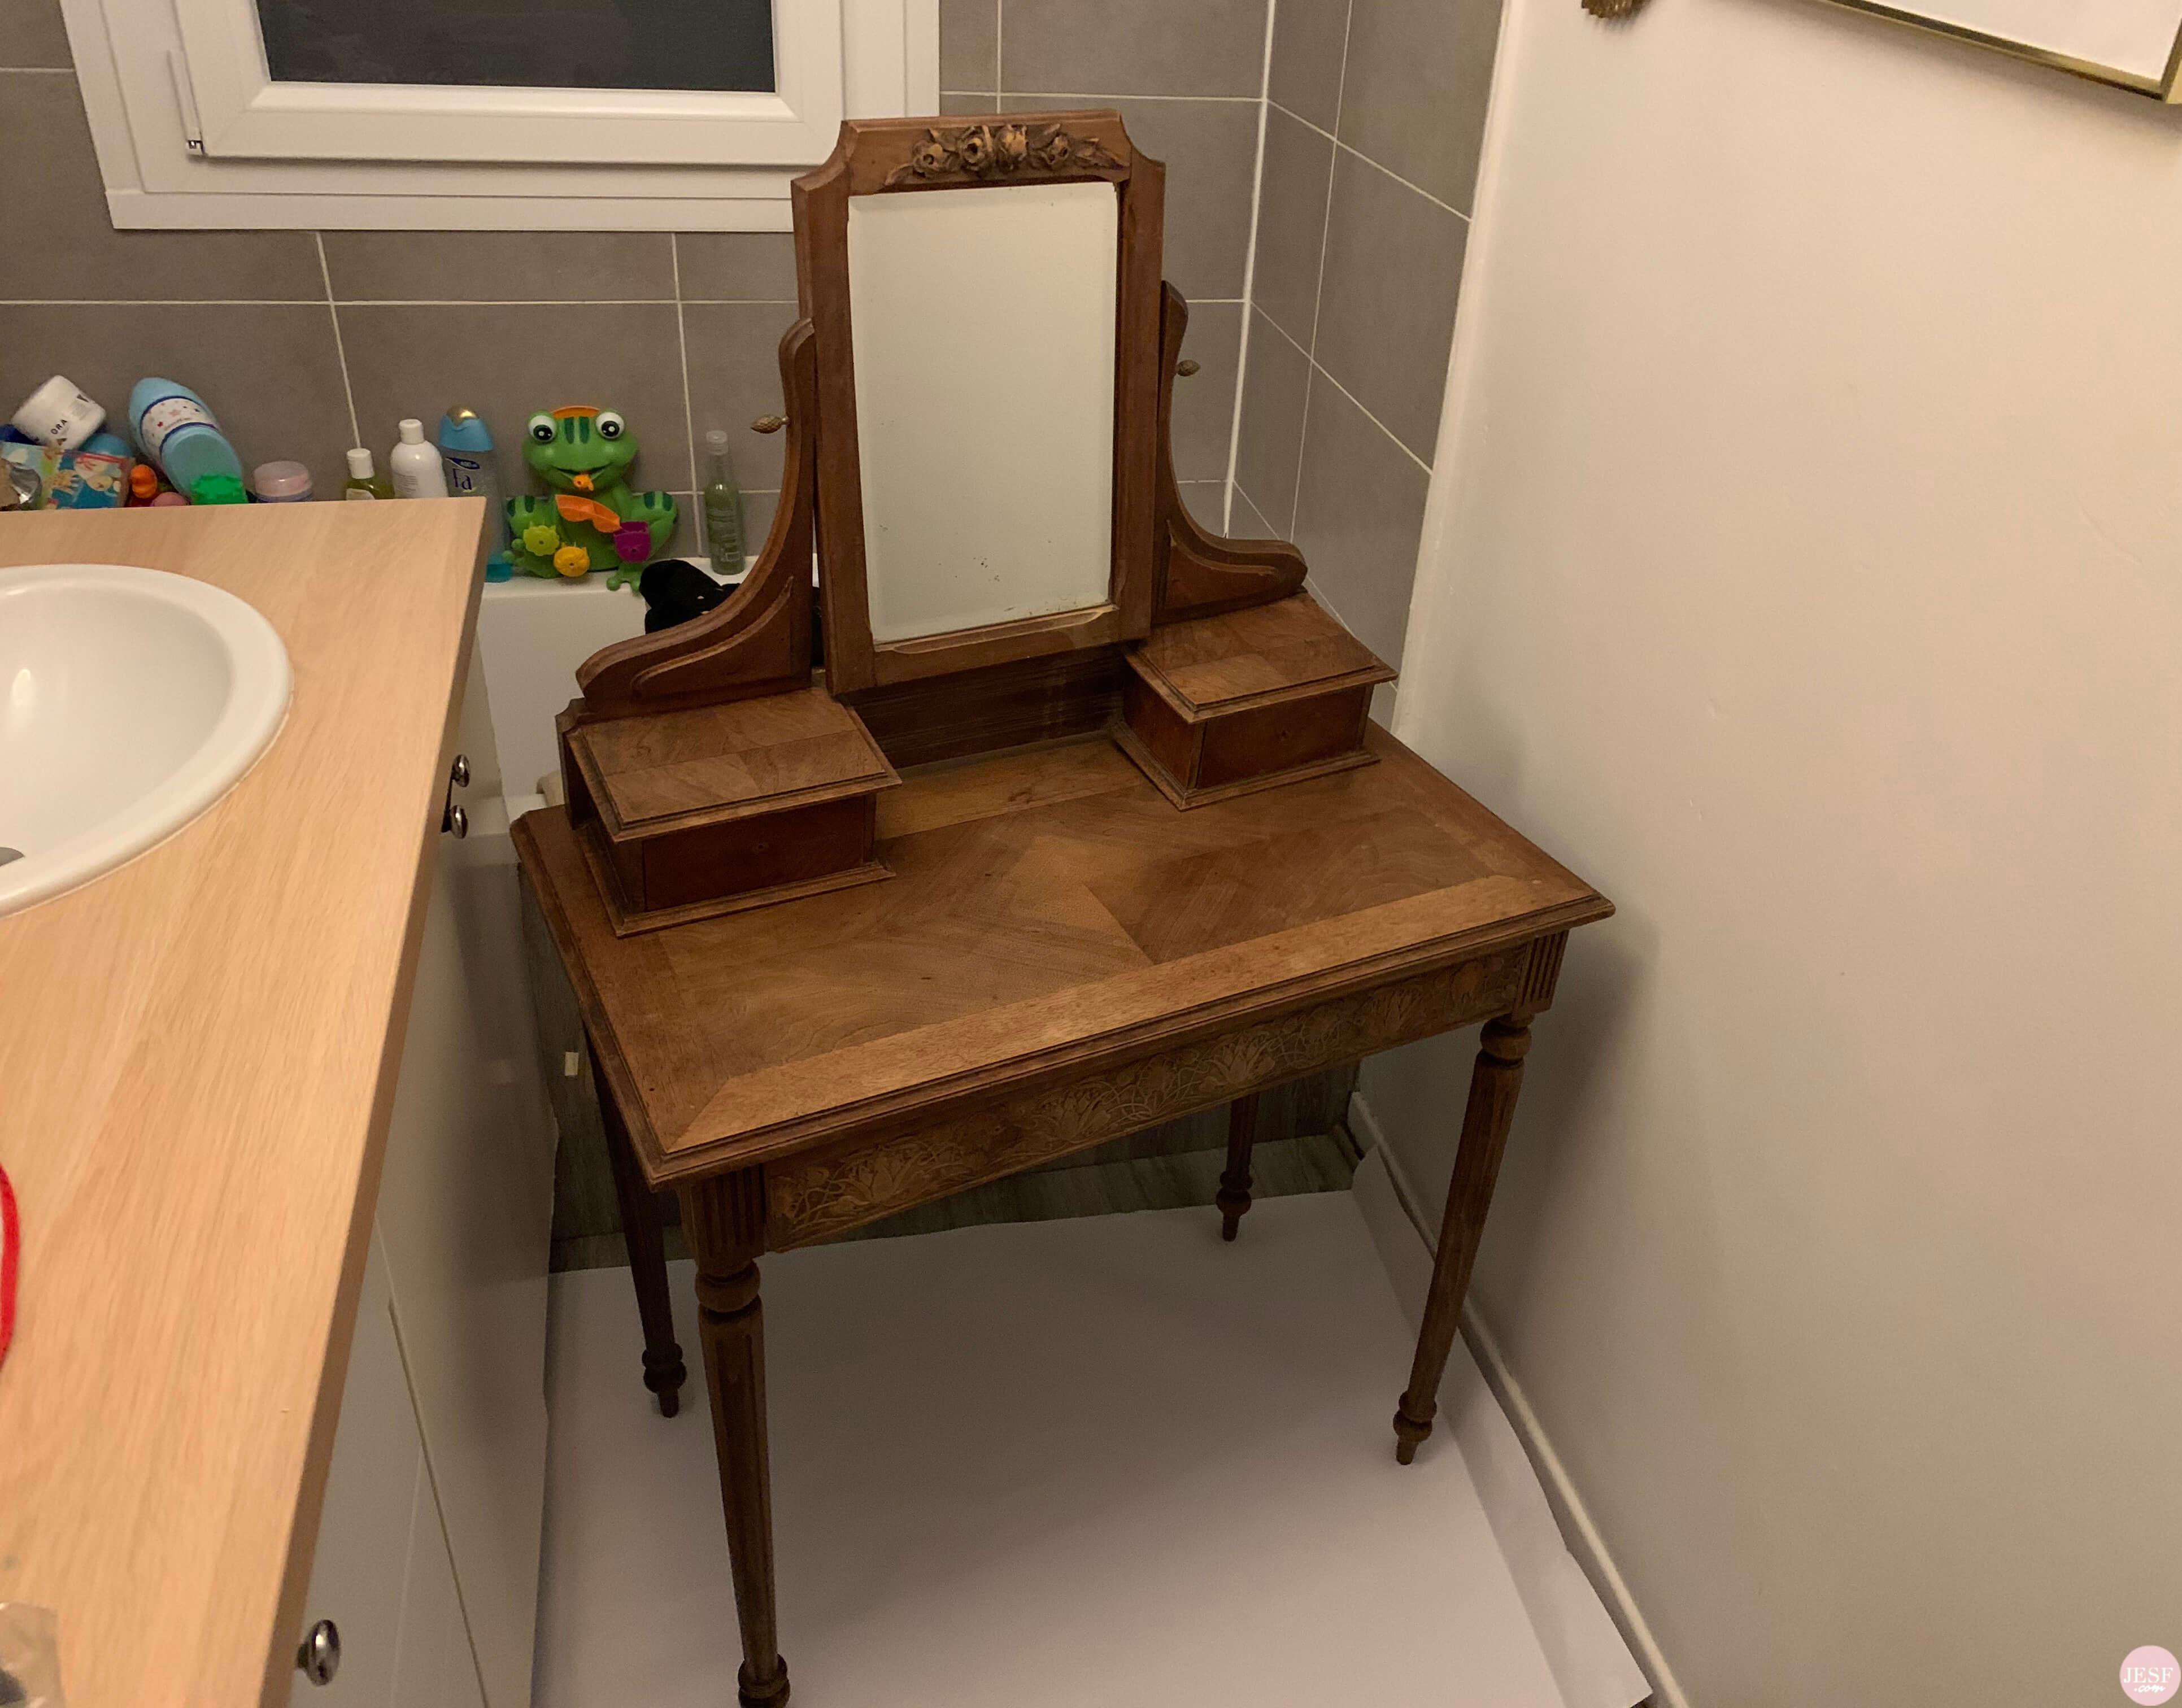 tuto-comment-renover-vieux-meuble-bois